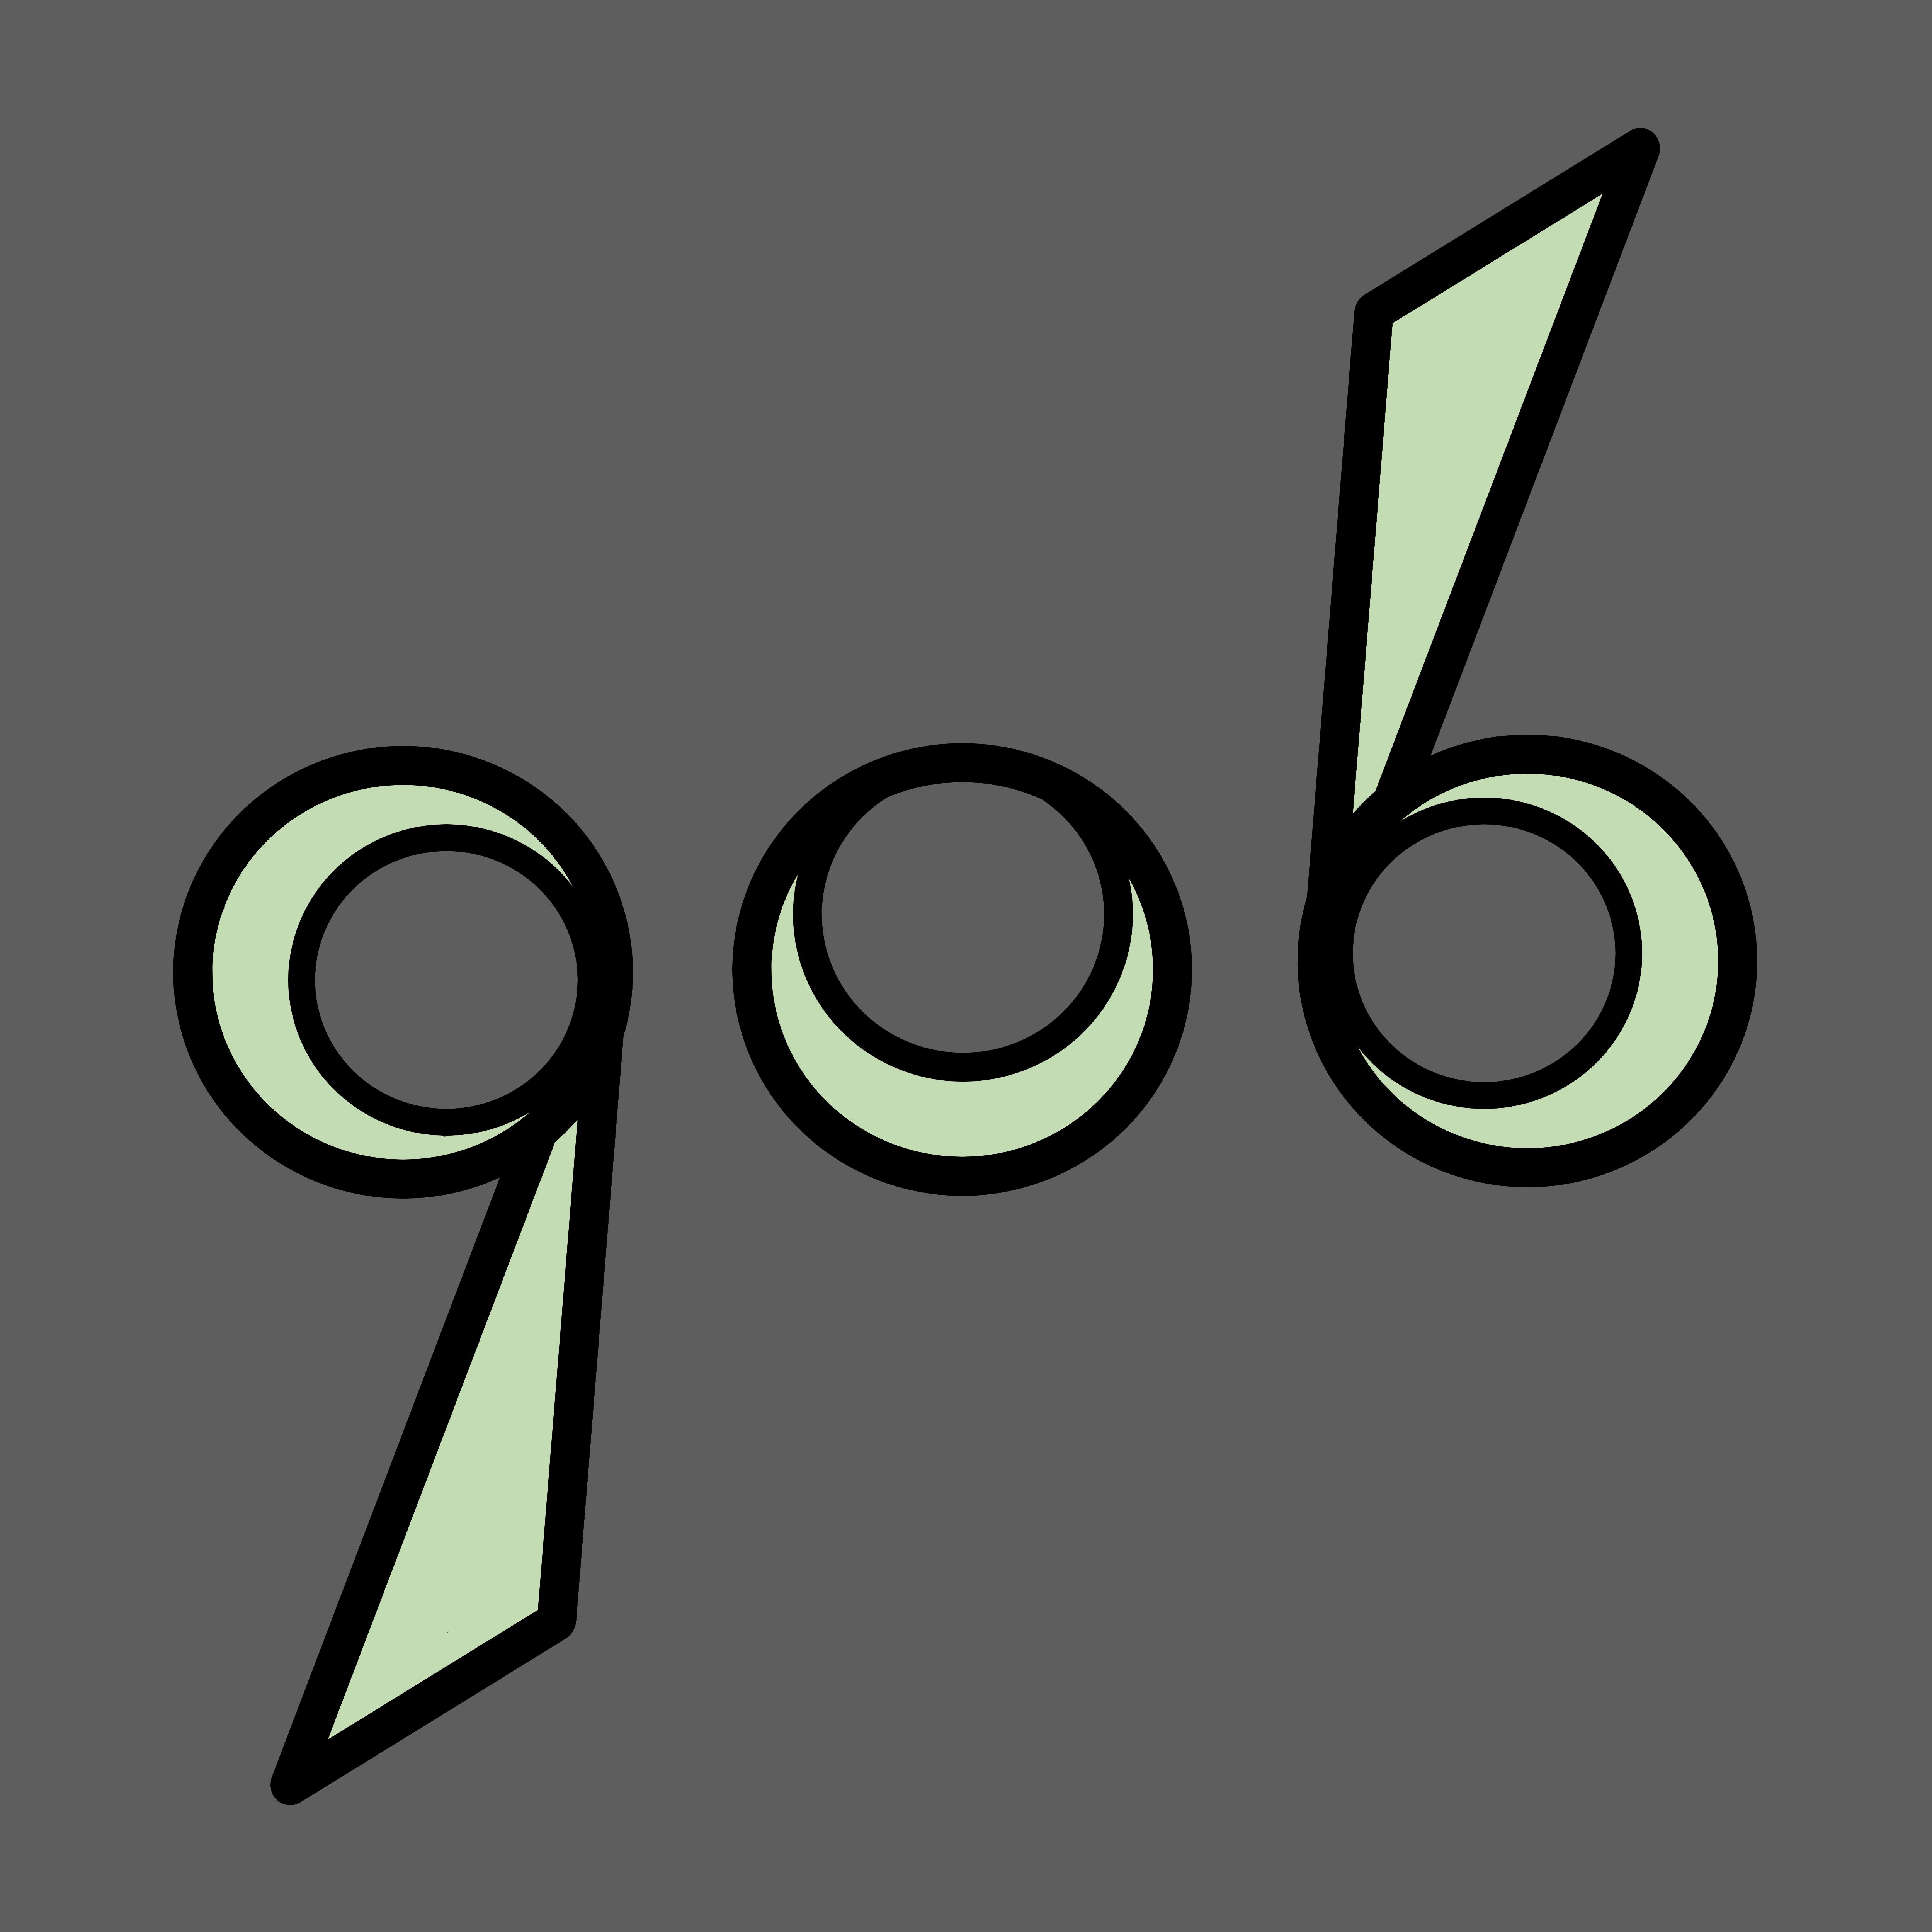 Разработка логотипа и фирменного стиля для ТМ фото f_5765f1eb2af67d0d.png